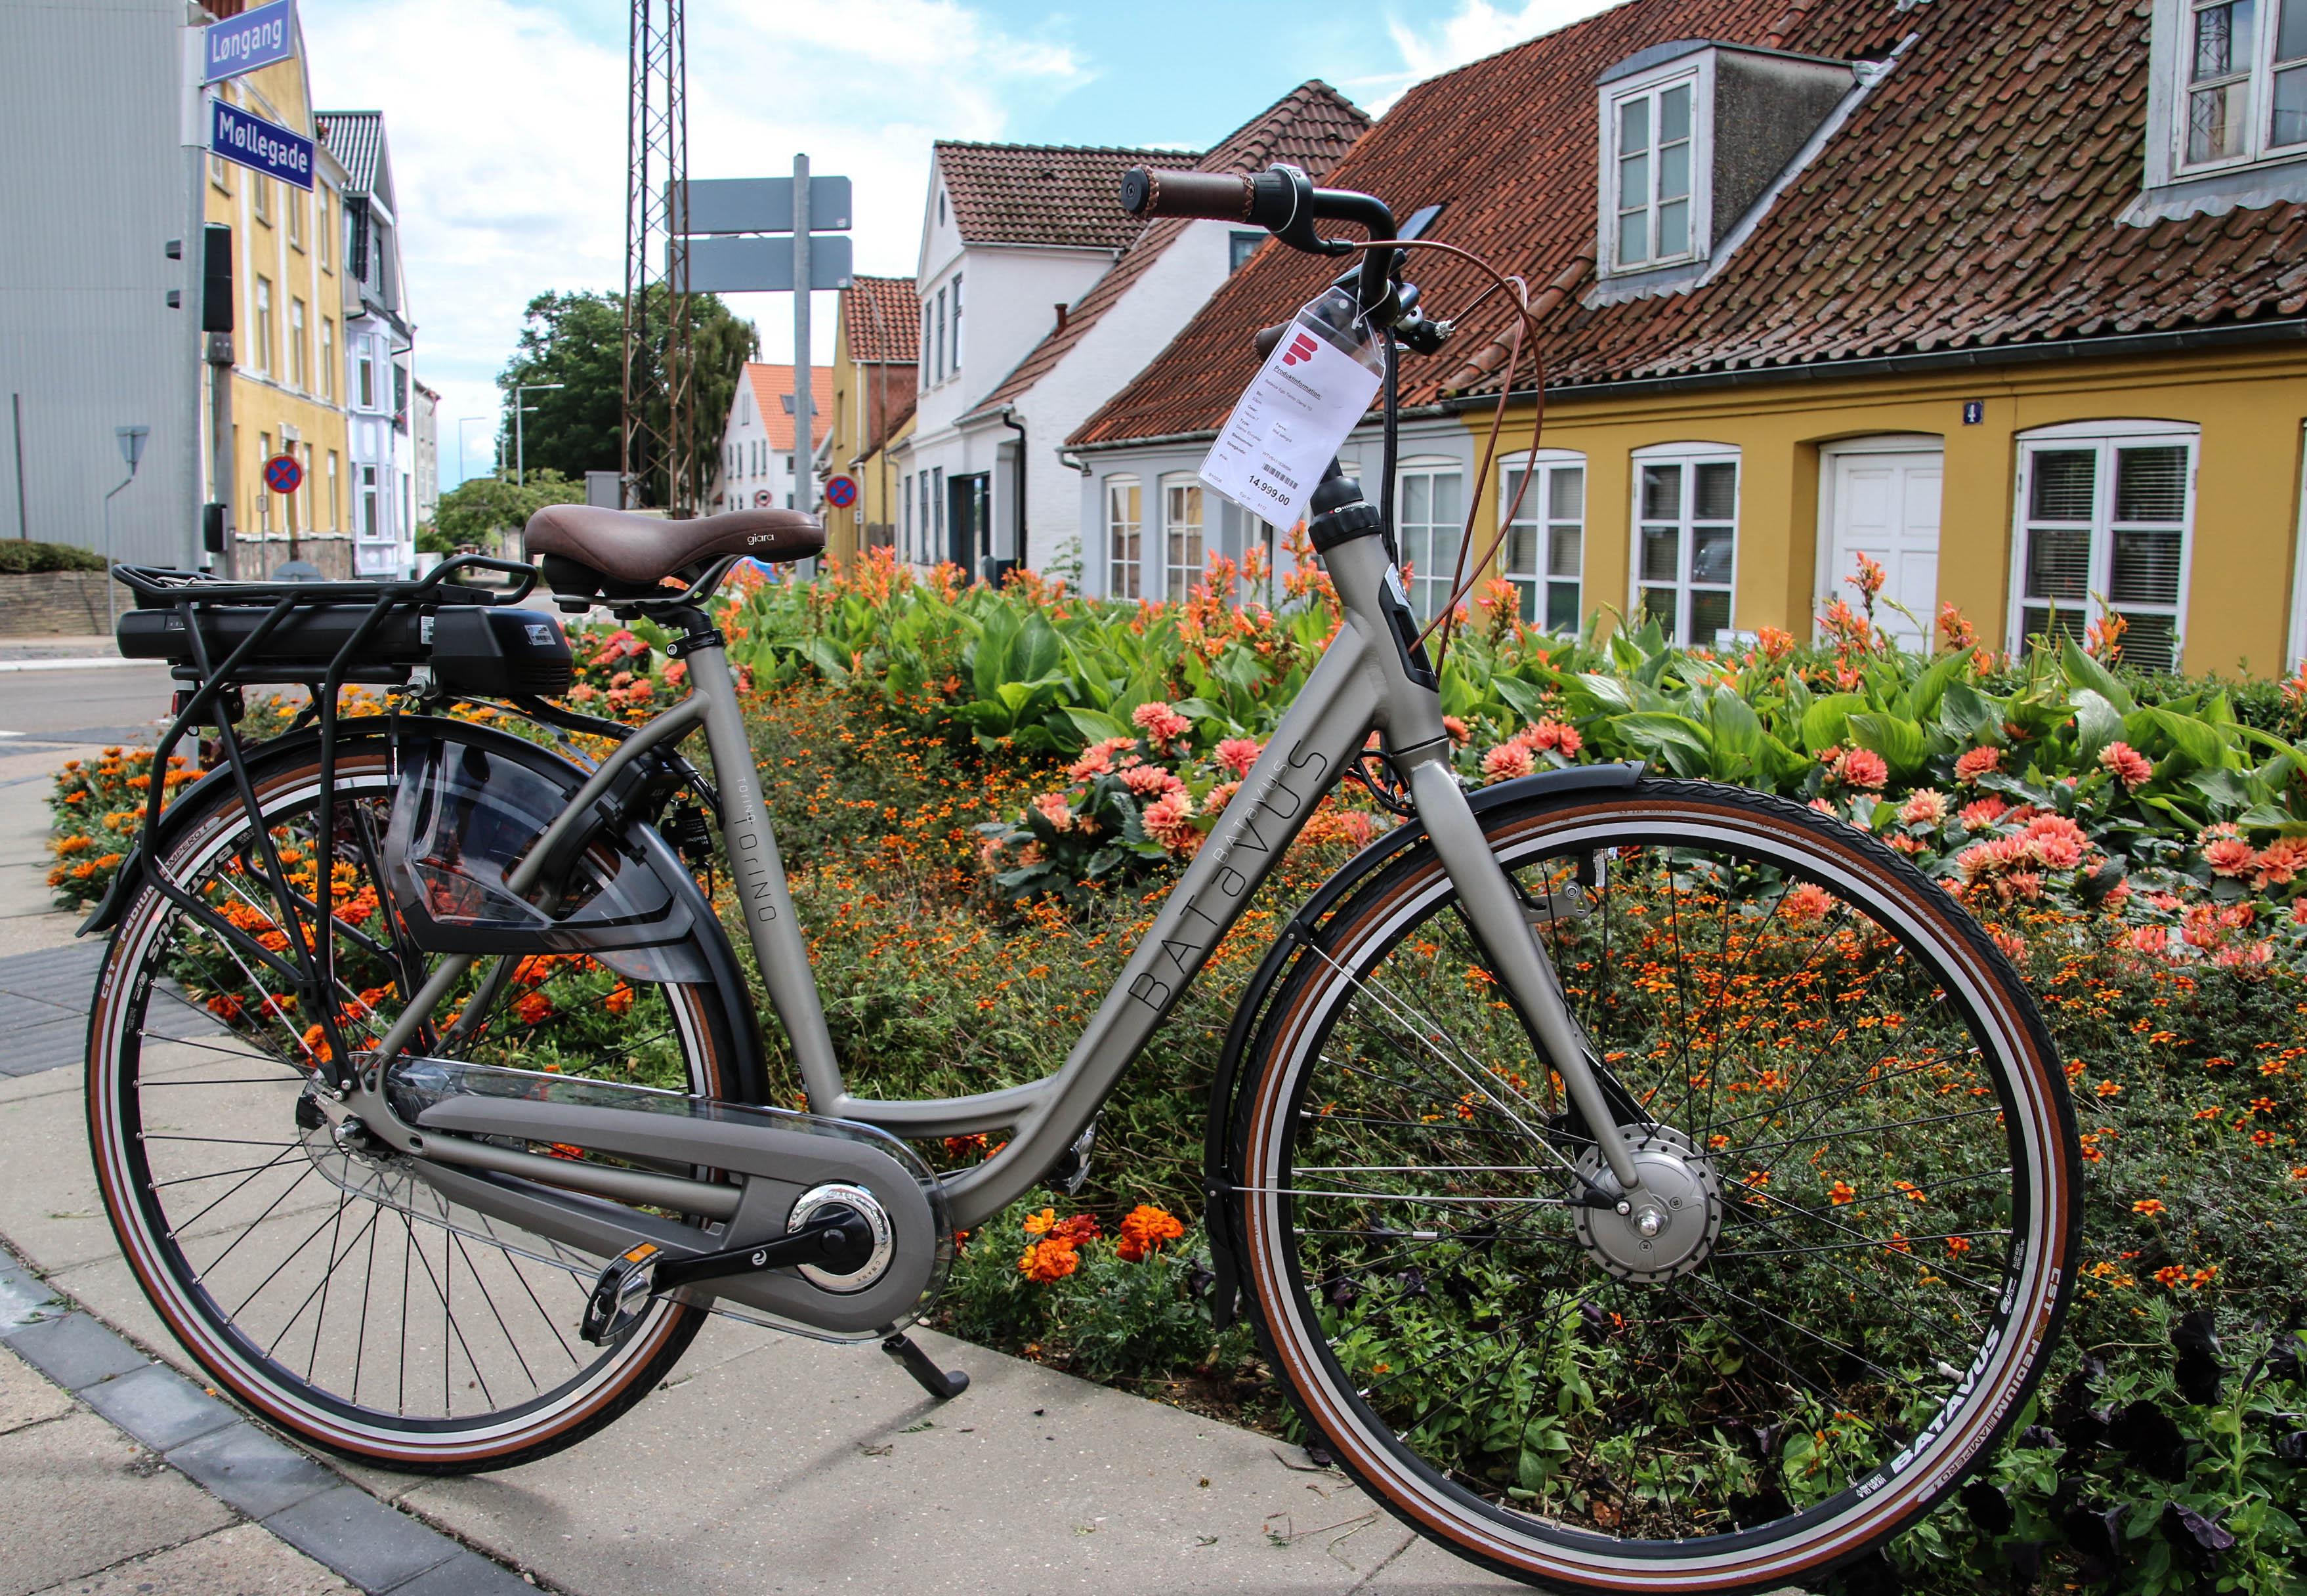 Flere og flere i Sønderborg køber el-cykel | SønderborgNYT